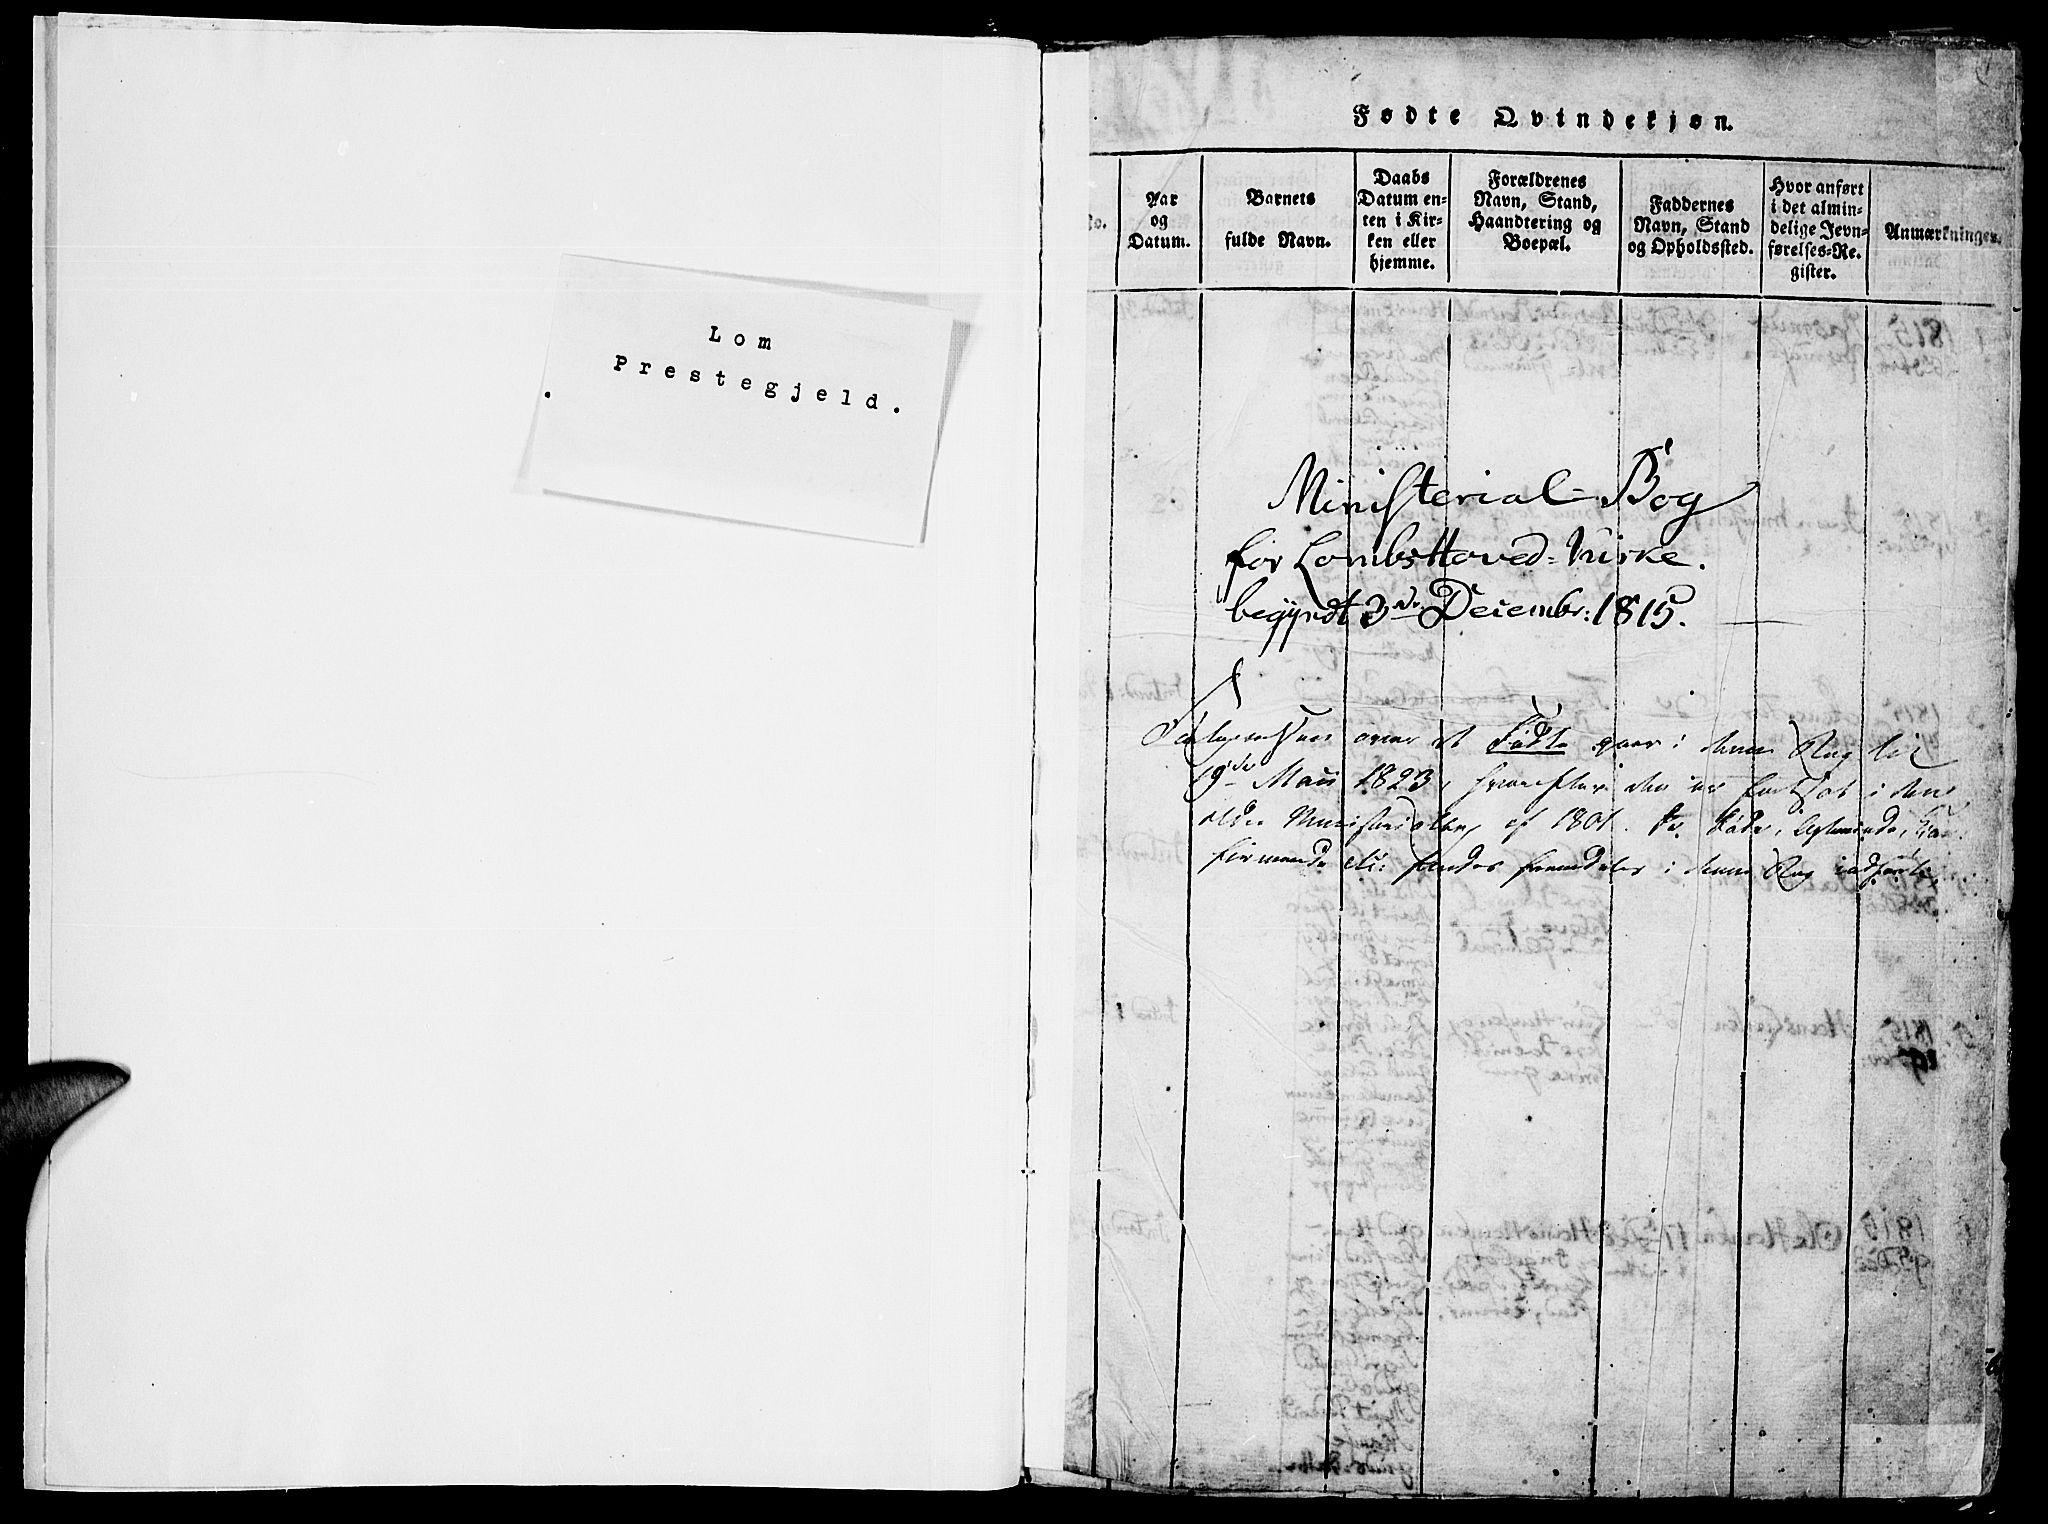 SAH, Lom prestekontor, K/L0004: Ministerialbok nr. 4, 1815-1825, s. 1